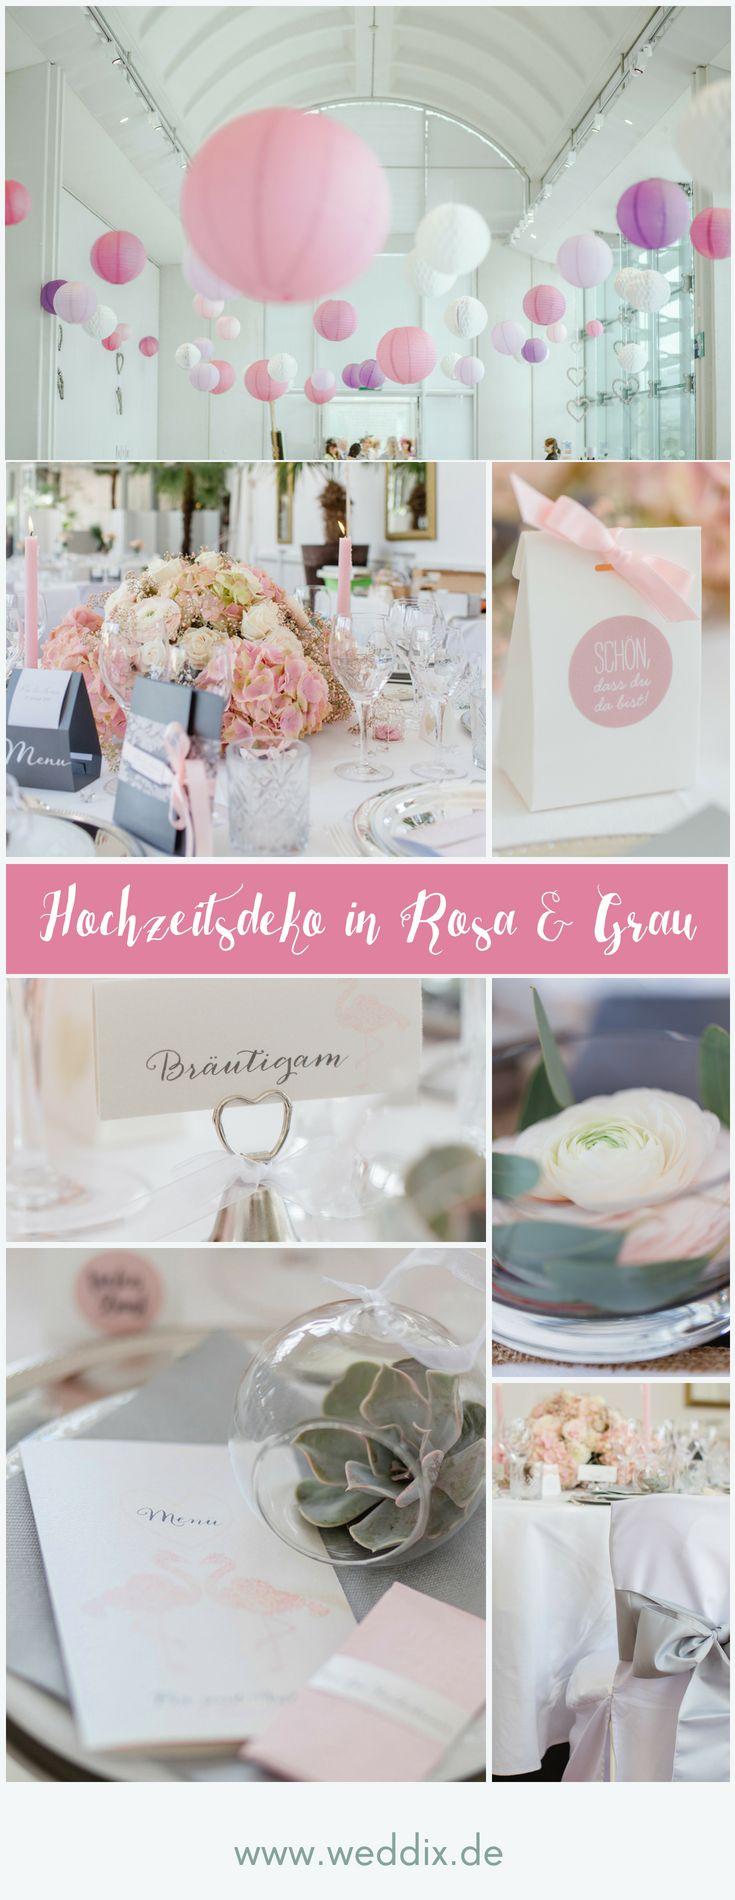 87 besten mustertische hochzeit bilder auf pinterest - Hochzeitsdeko grau rosa ...